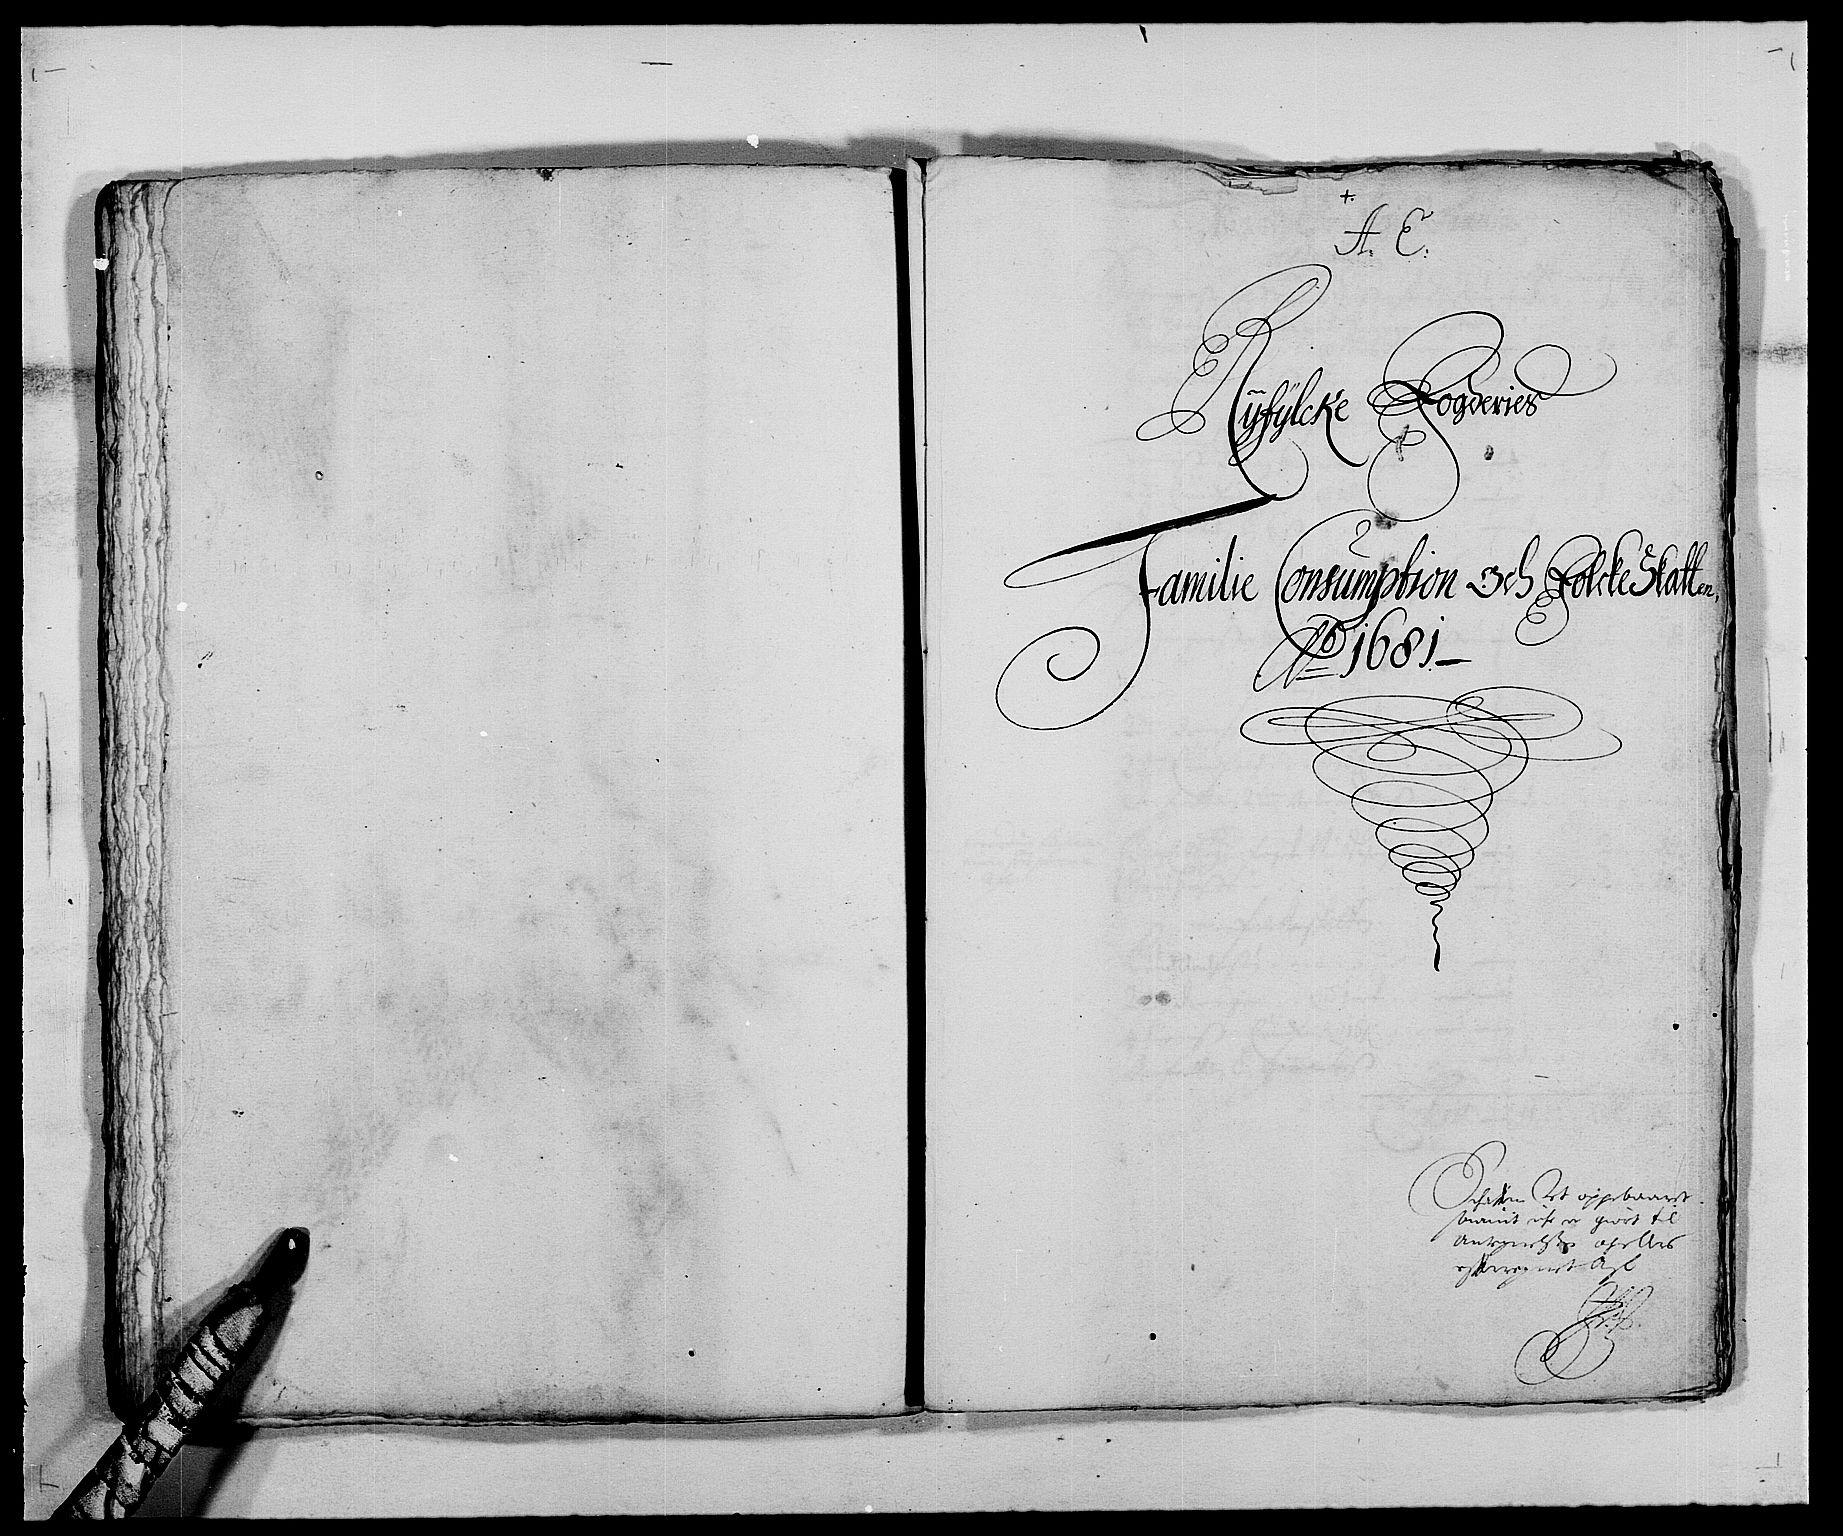 RA, Rentekammeret inntil 1814, Reviderte regnskaper, Fogderegnskap, R47/L2852: Fogderegnskap Ryfylke, 1681, s. 113